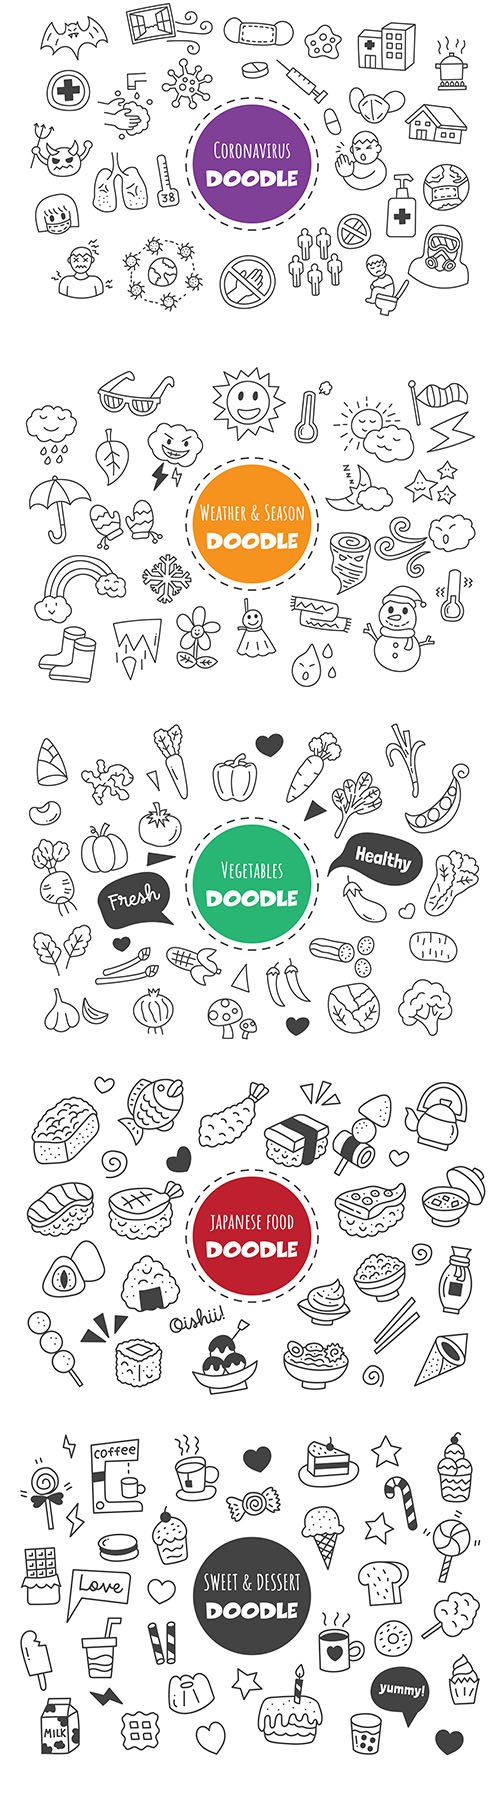 Coronavirus and Food Kawaii Doodle